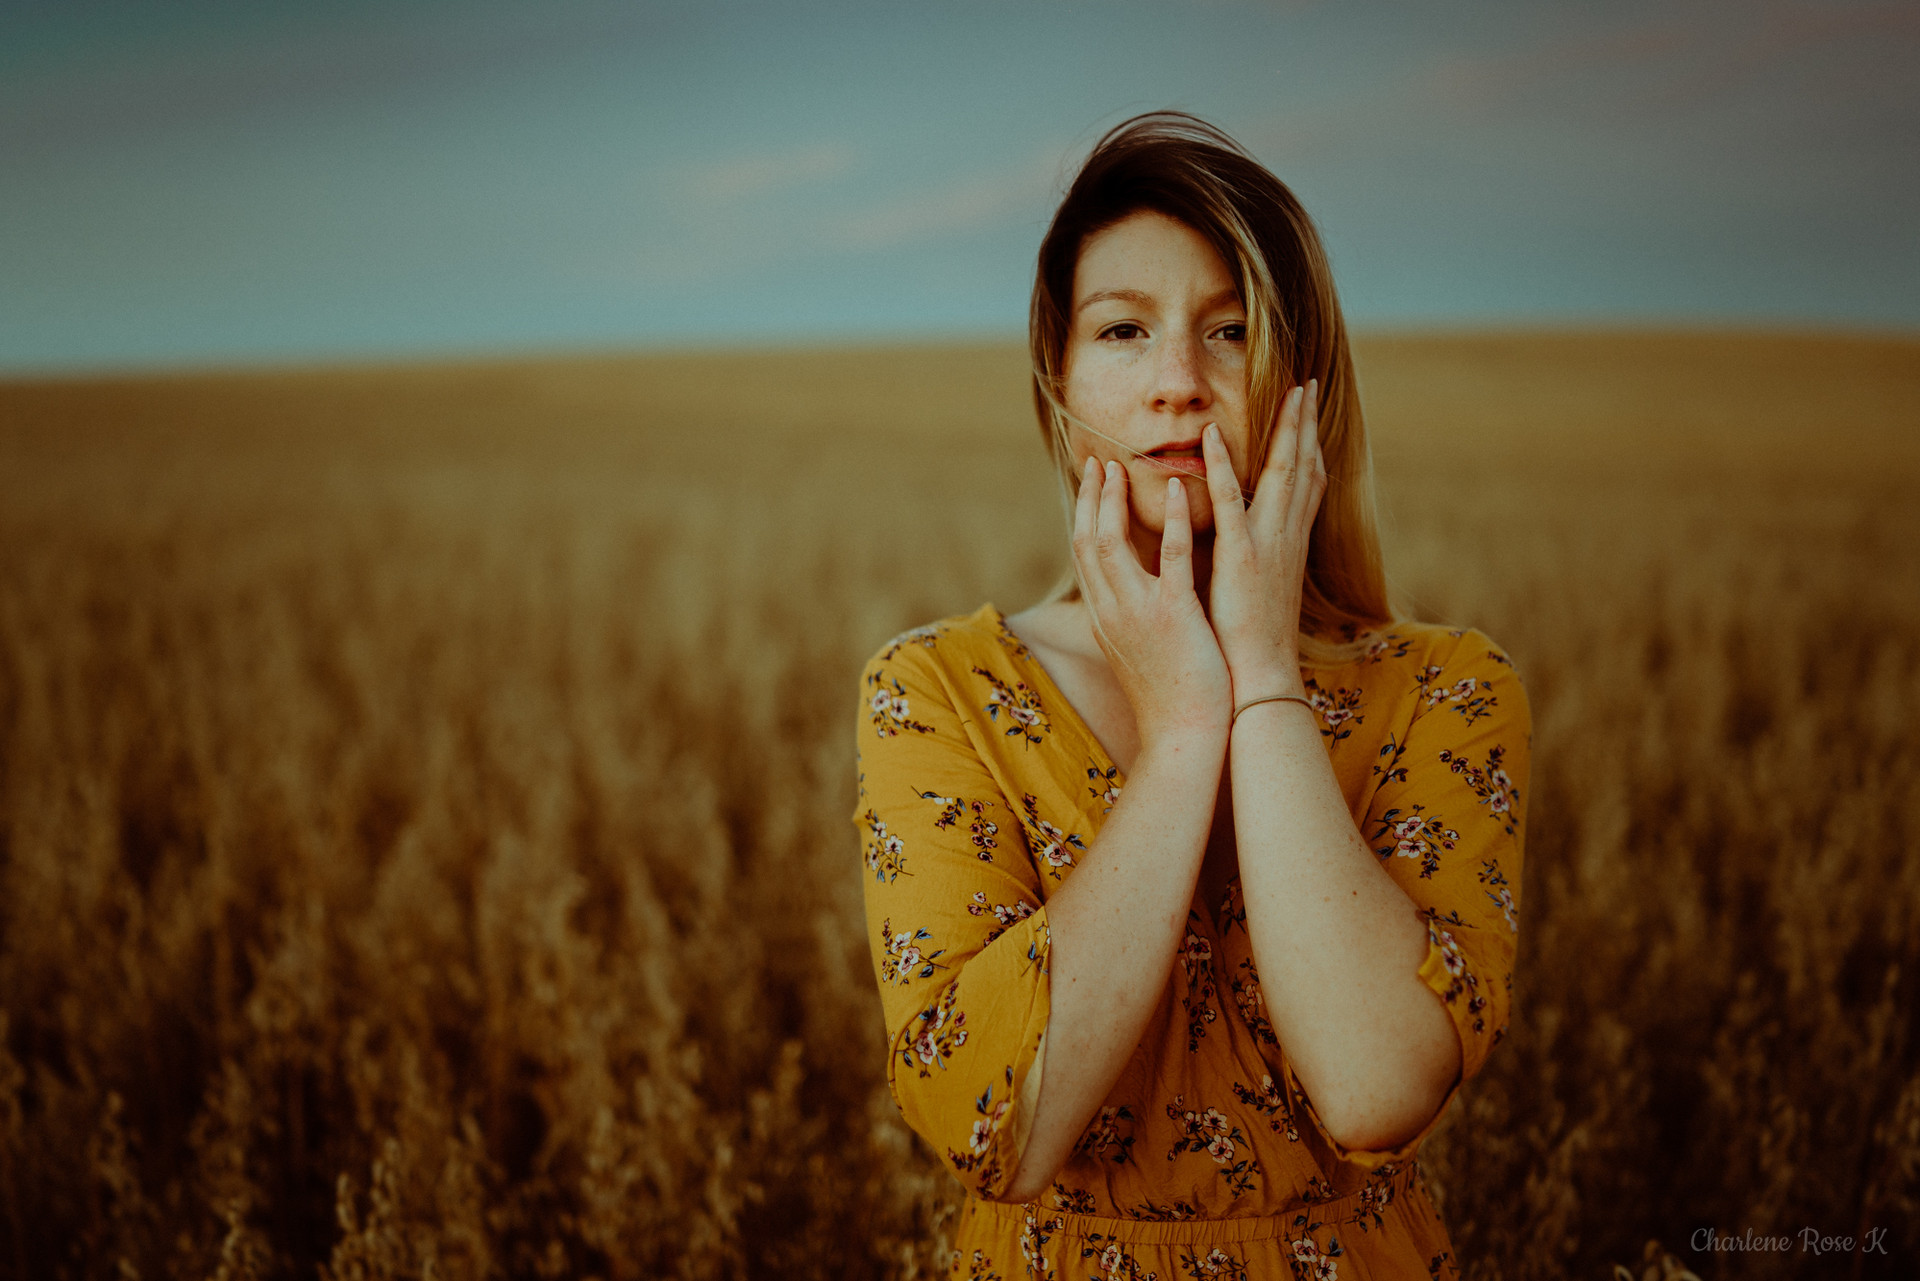 seance-photo-troyes-solo-femme-exterieur-soleil-tournesols-crk-7